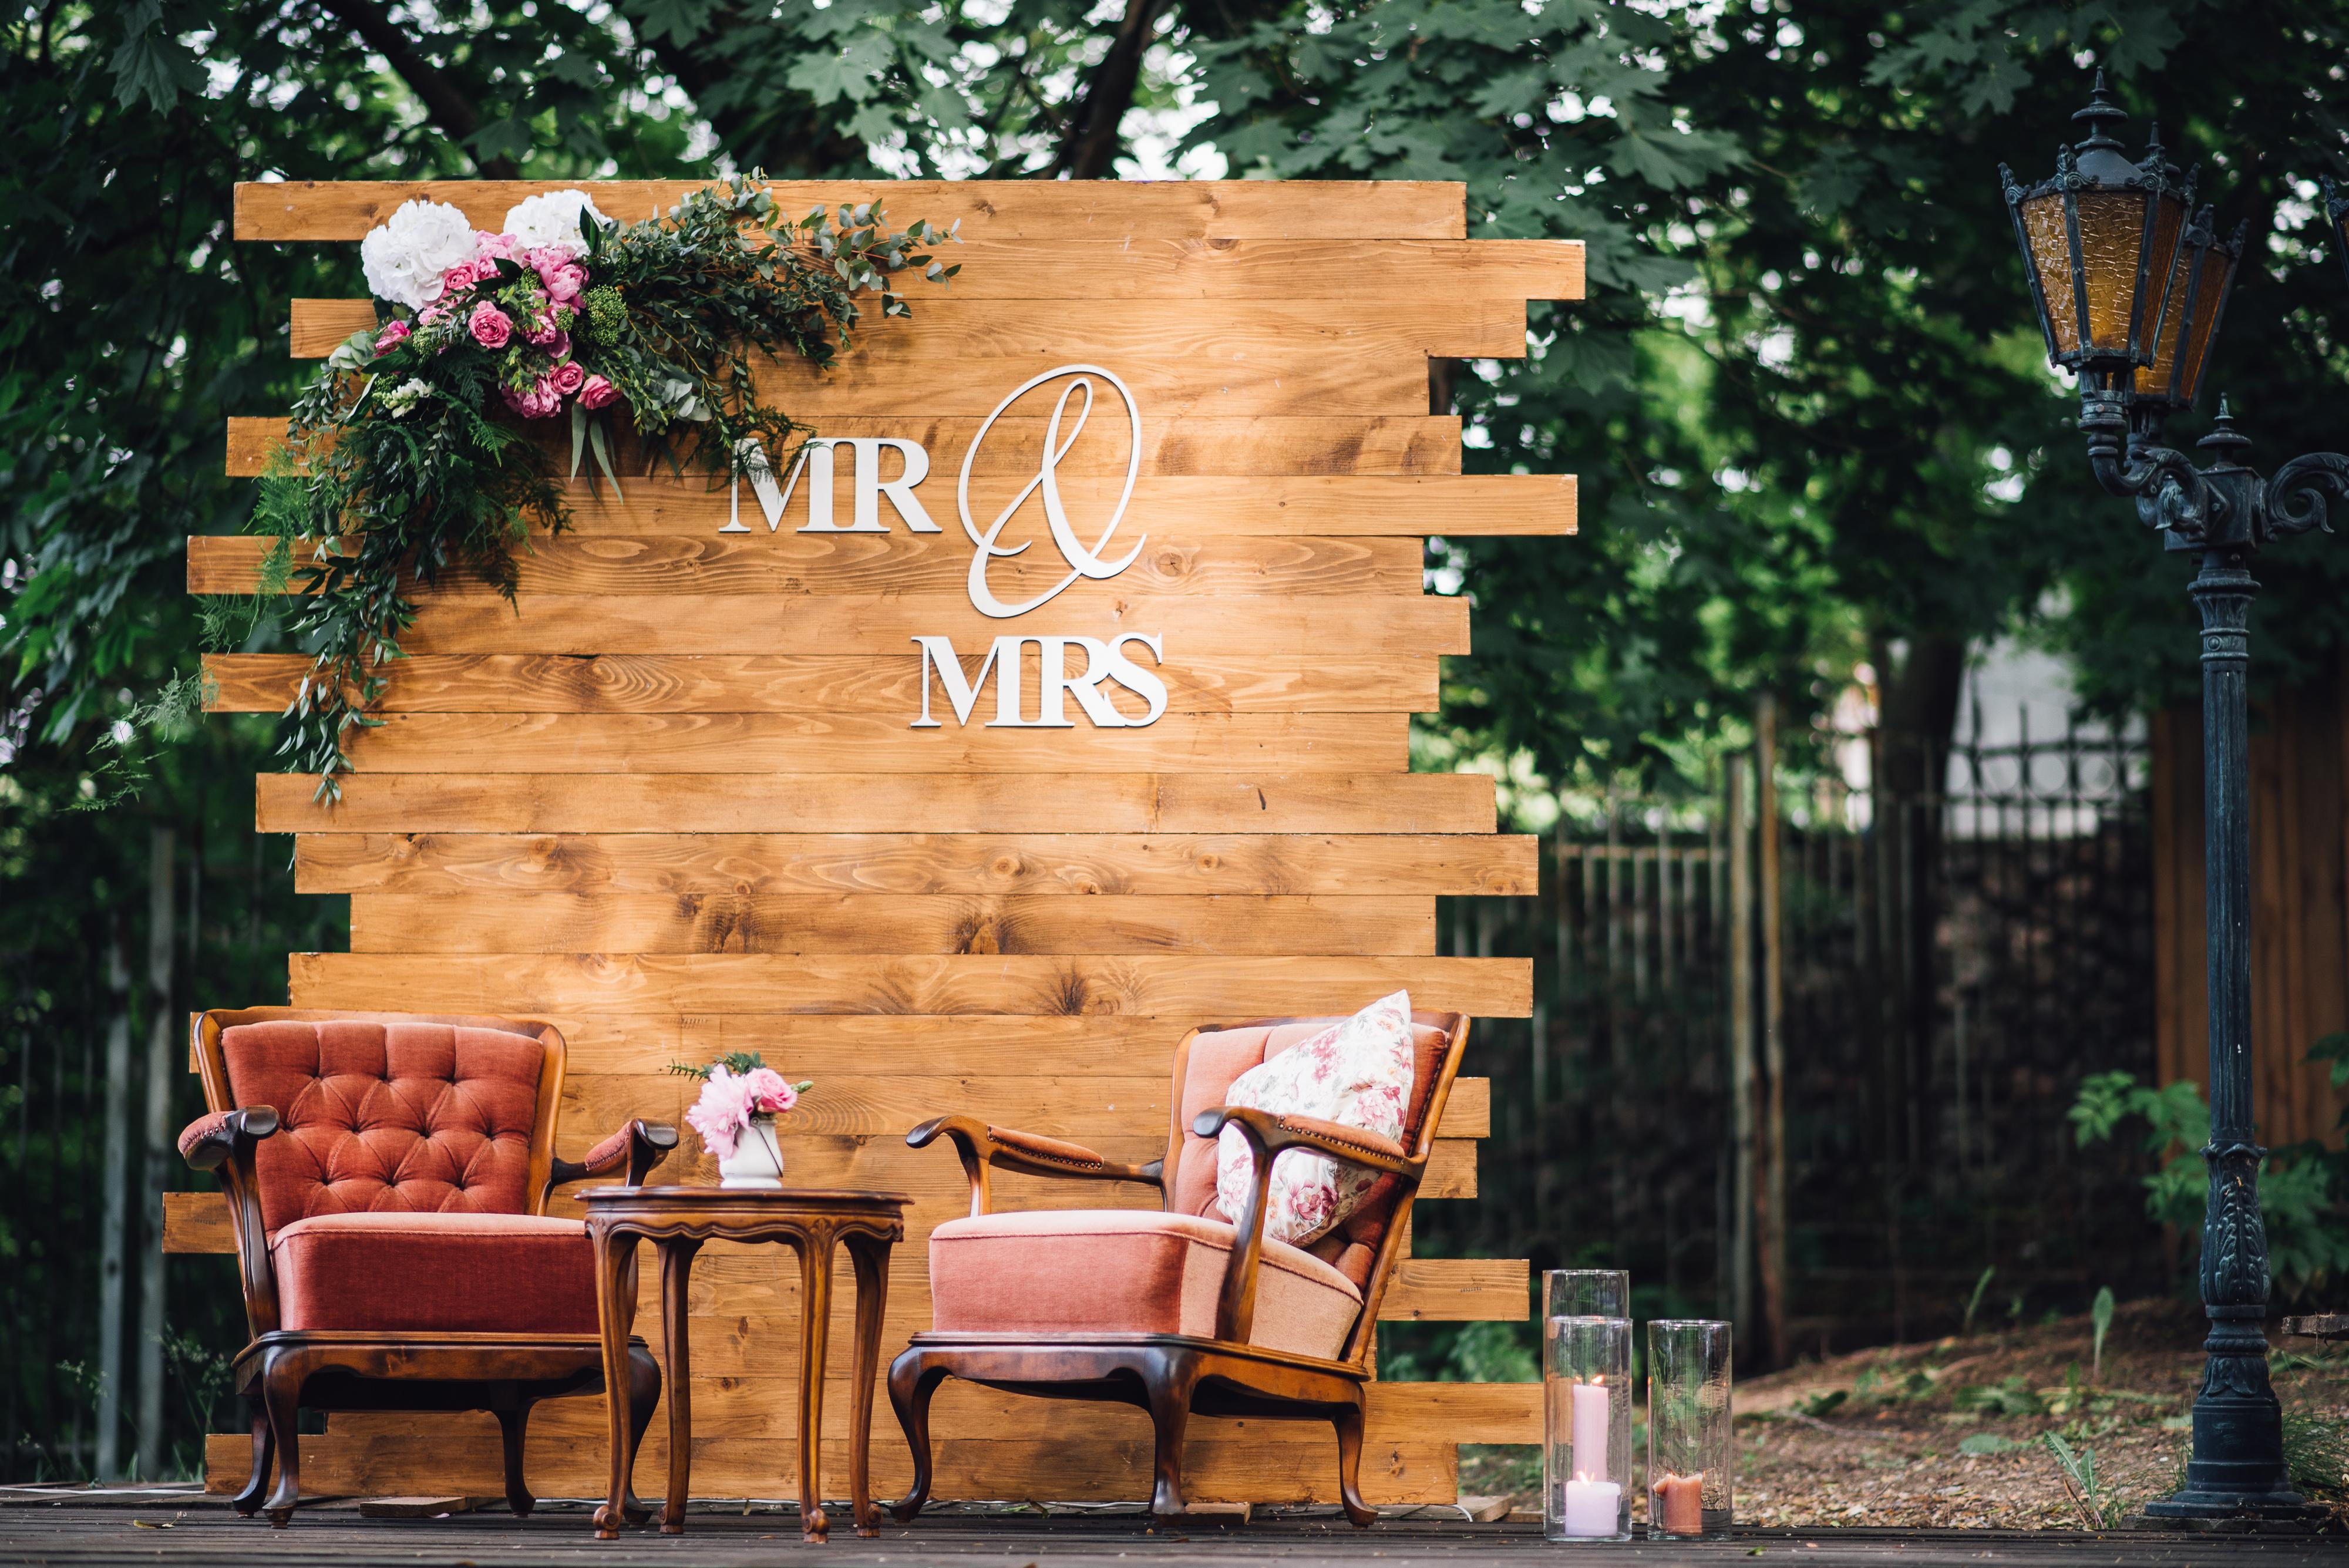 Wedding. Banquet. Mr. & Mrs